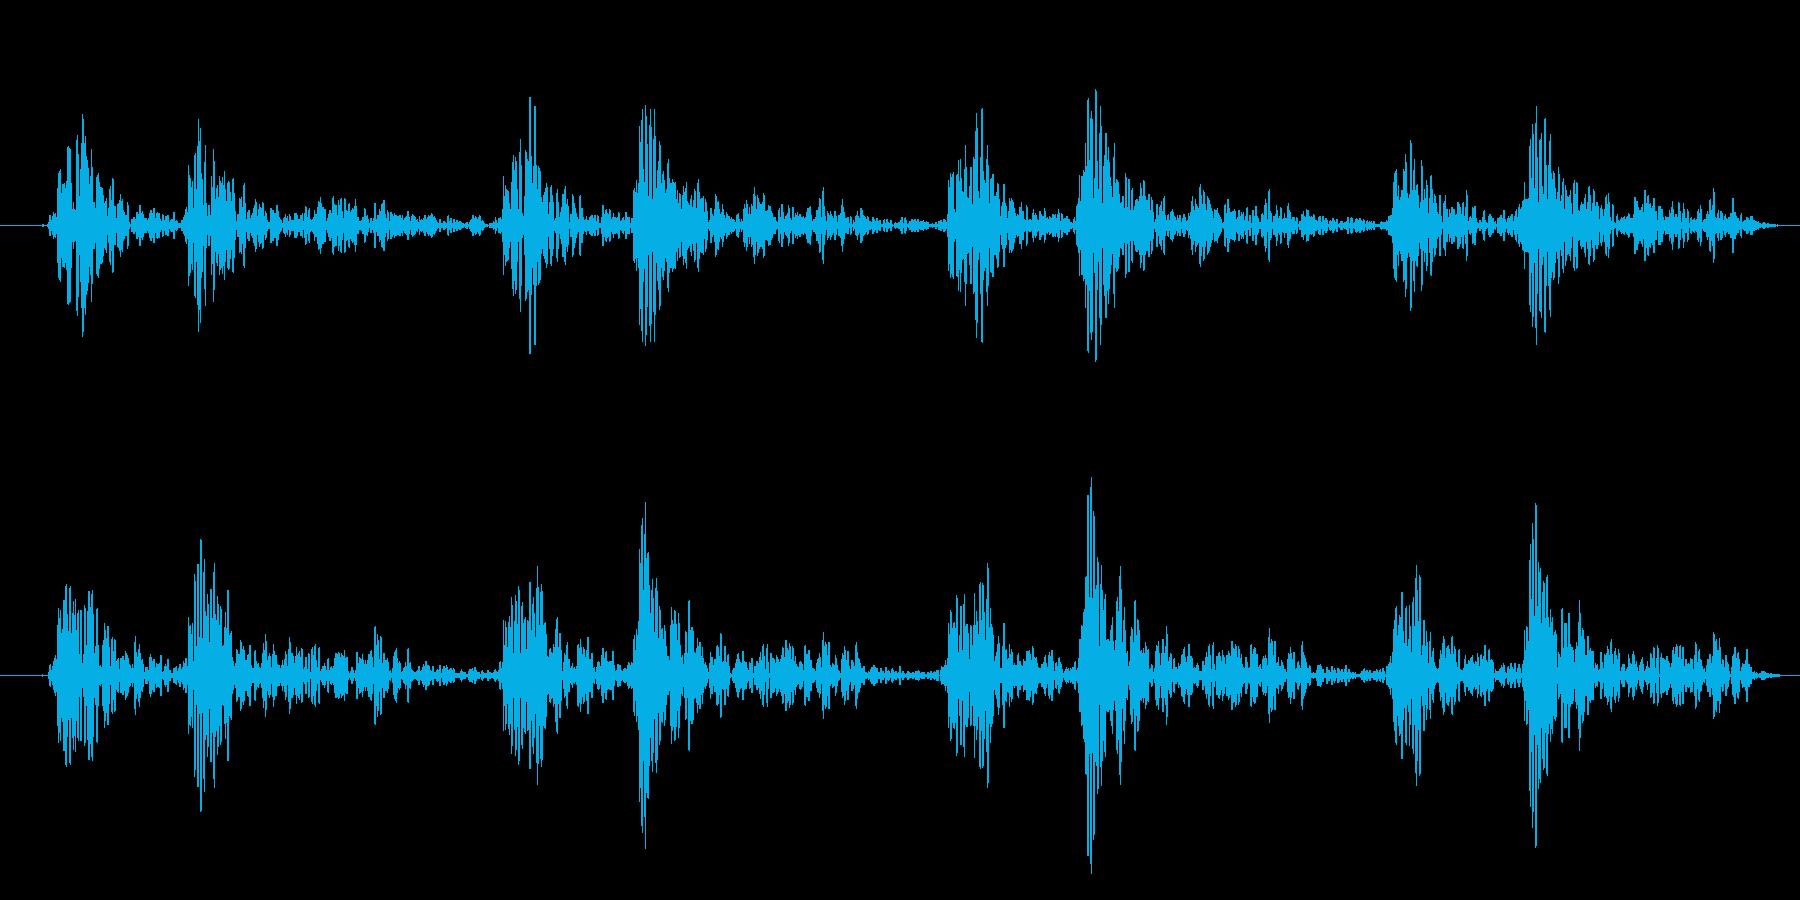 「ドクン!ドクン!」心臓心拍、鼓動音09の再生済みの波形